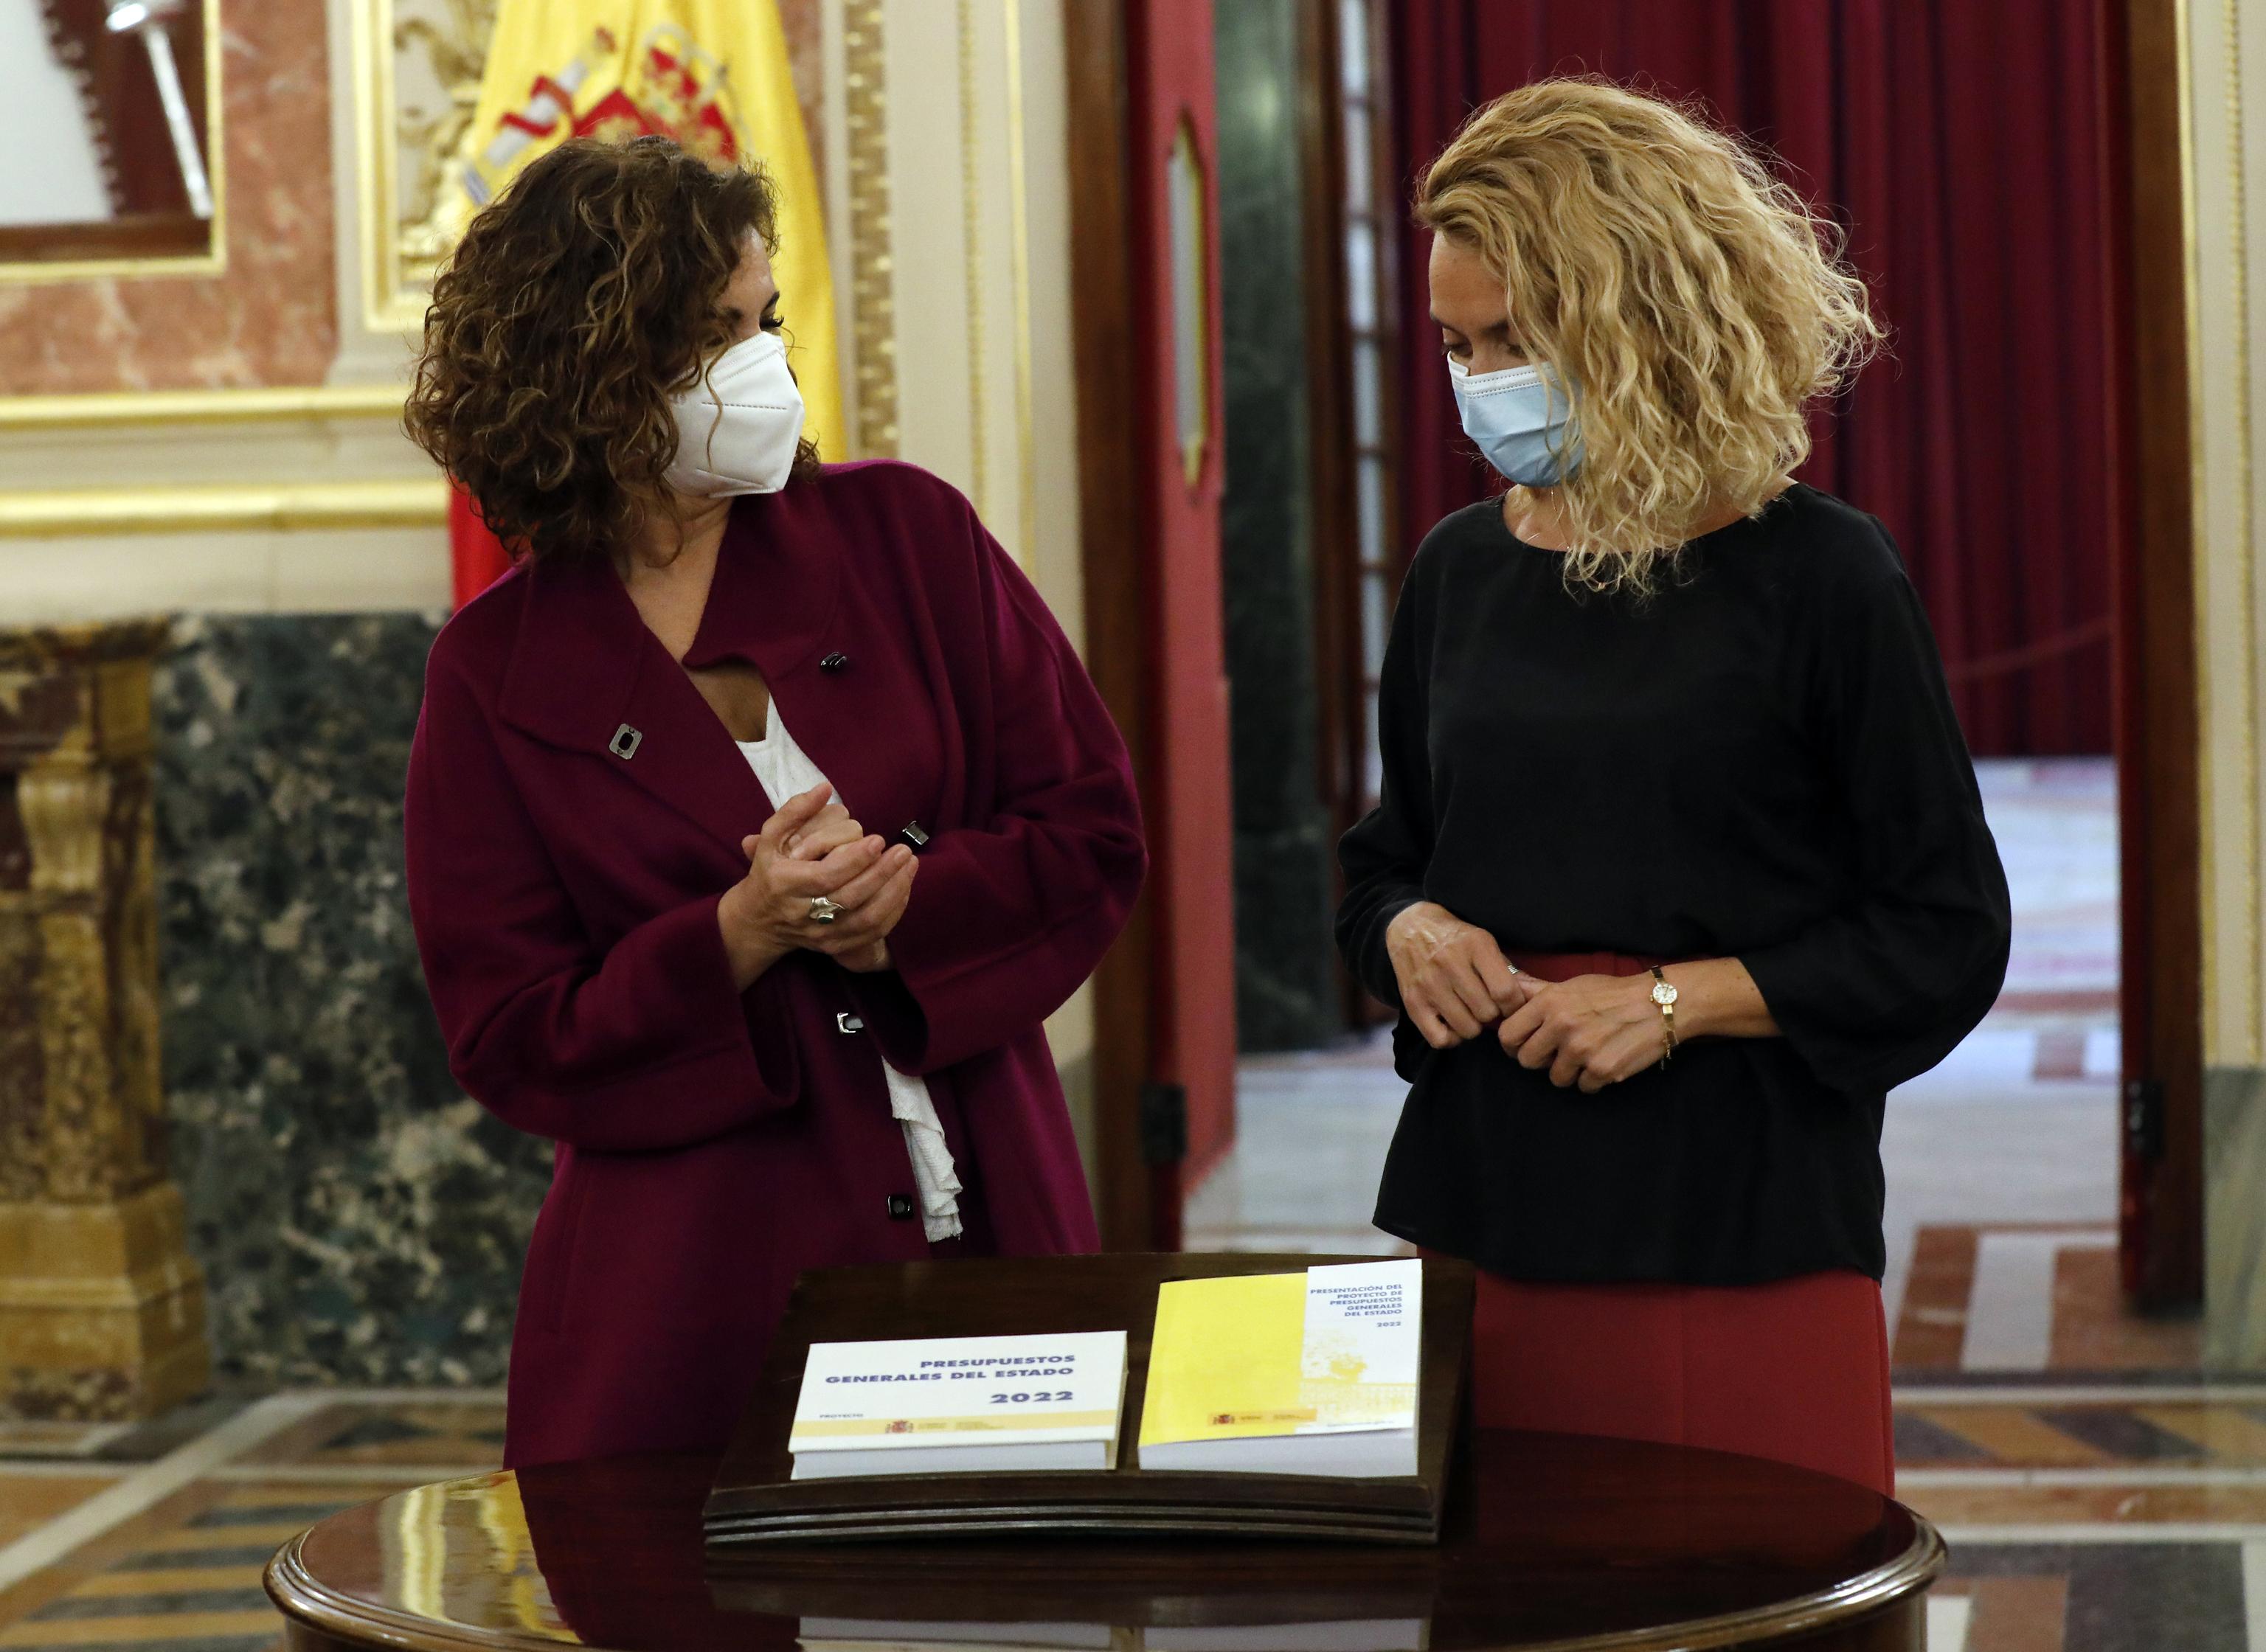 La ministra de Hacienda, María Jesús Montero, y la presiedenta del Congreso, Meritxell Batet, este martes en el Congreso